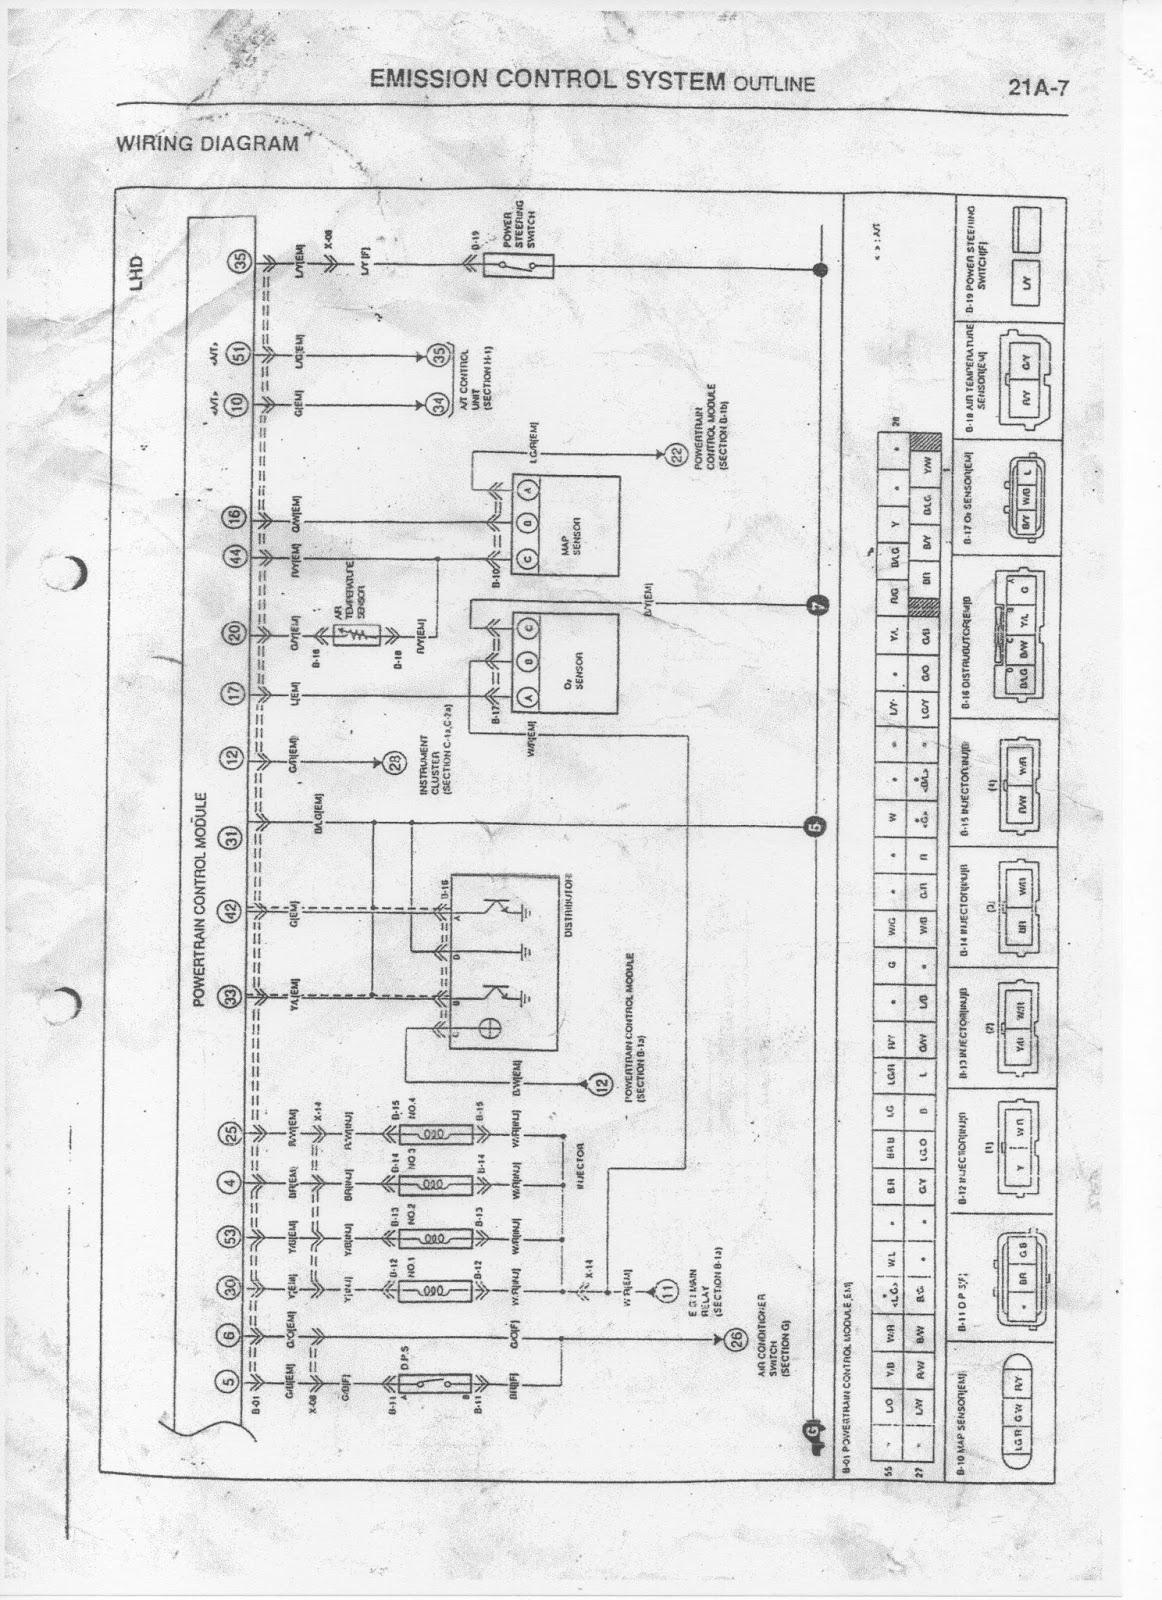 42rle wiring schematic